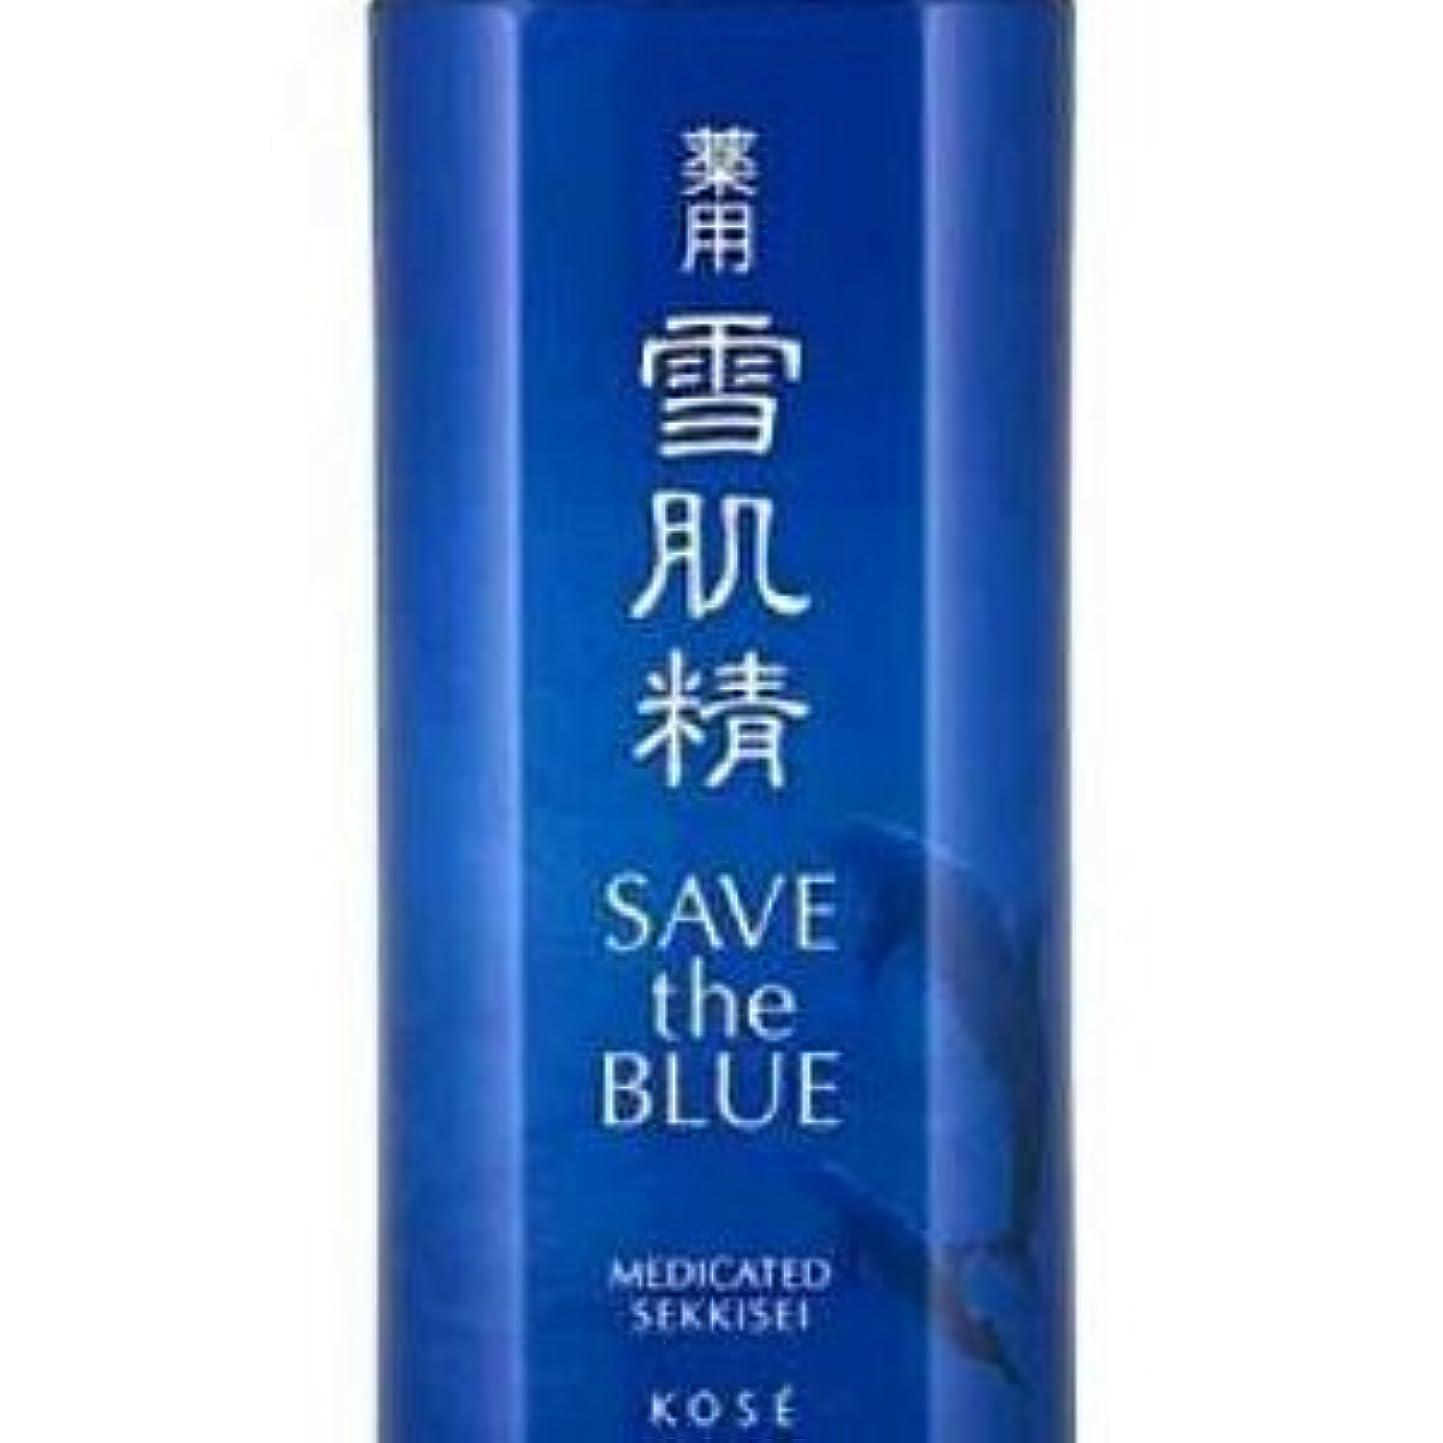 クロニクル瞑想的説得コーセー 薬用雪肌精 化粧水 ディスペンサー付限定ボトル 500ml アウトレット